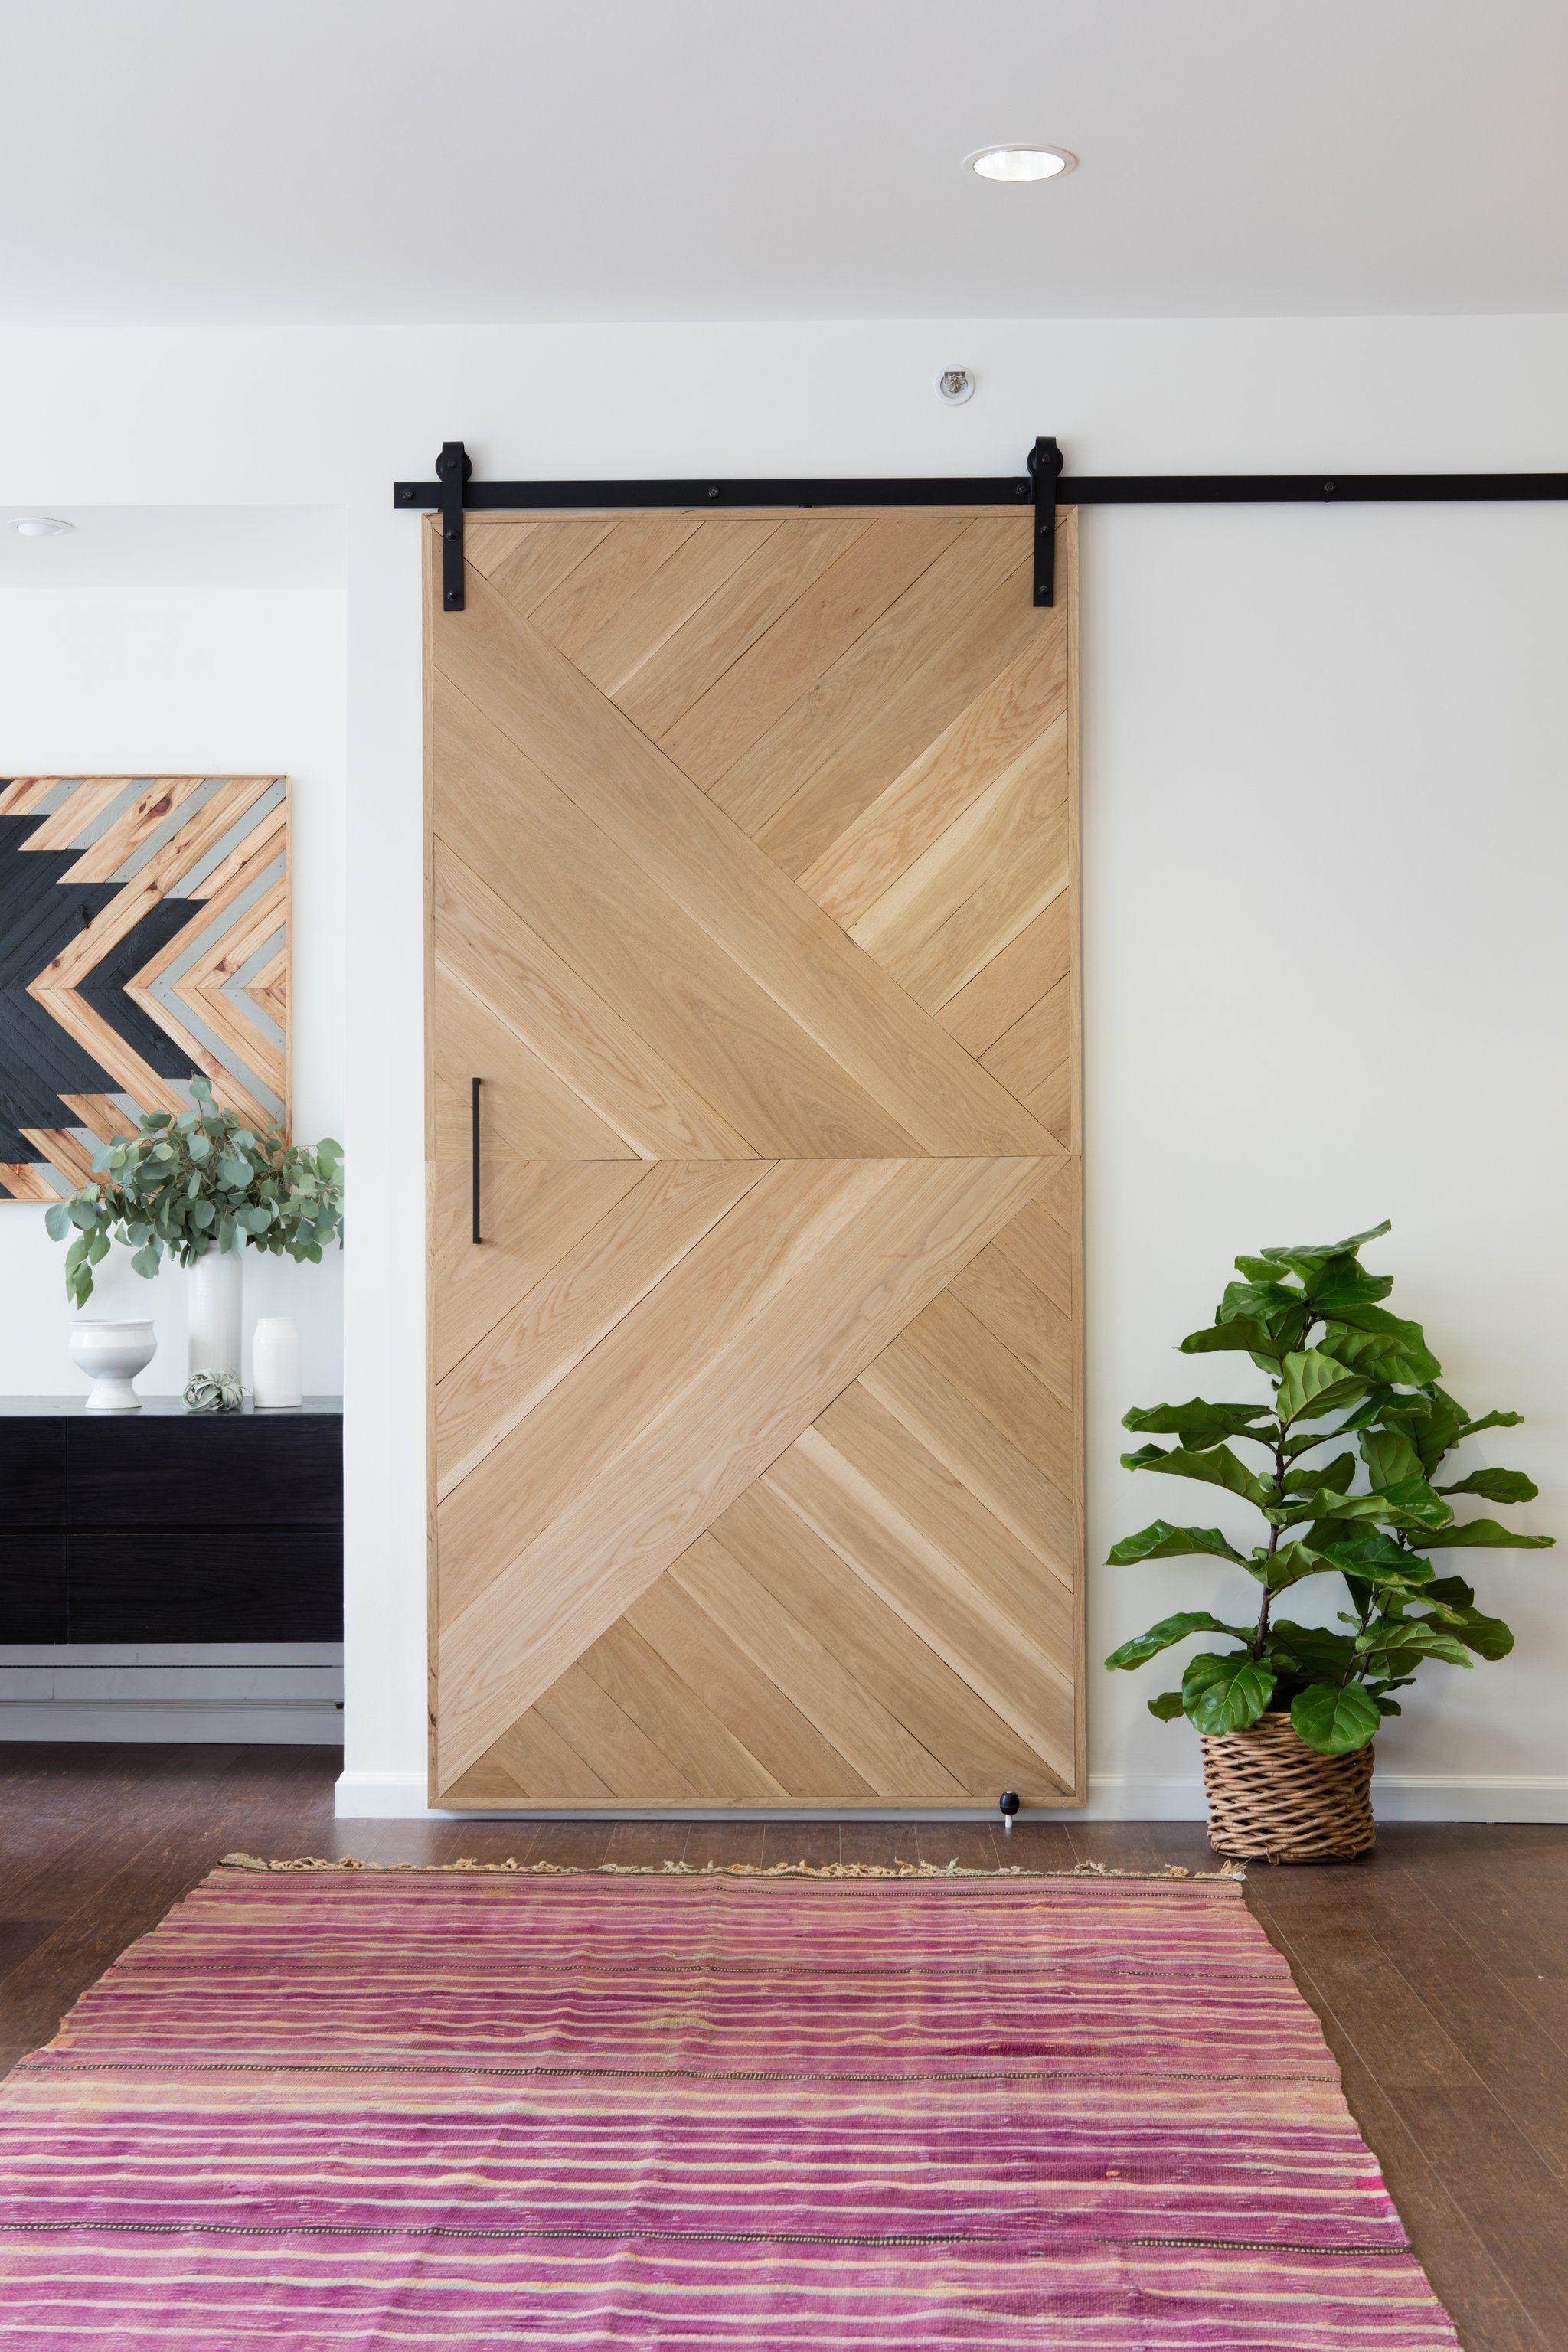 design popular interior trends in creative best home doors wood sliding interiors